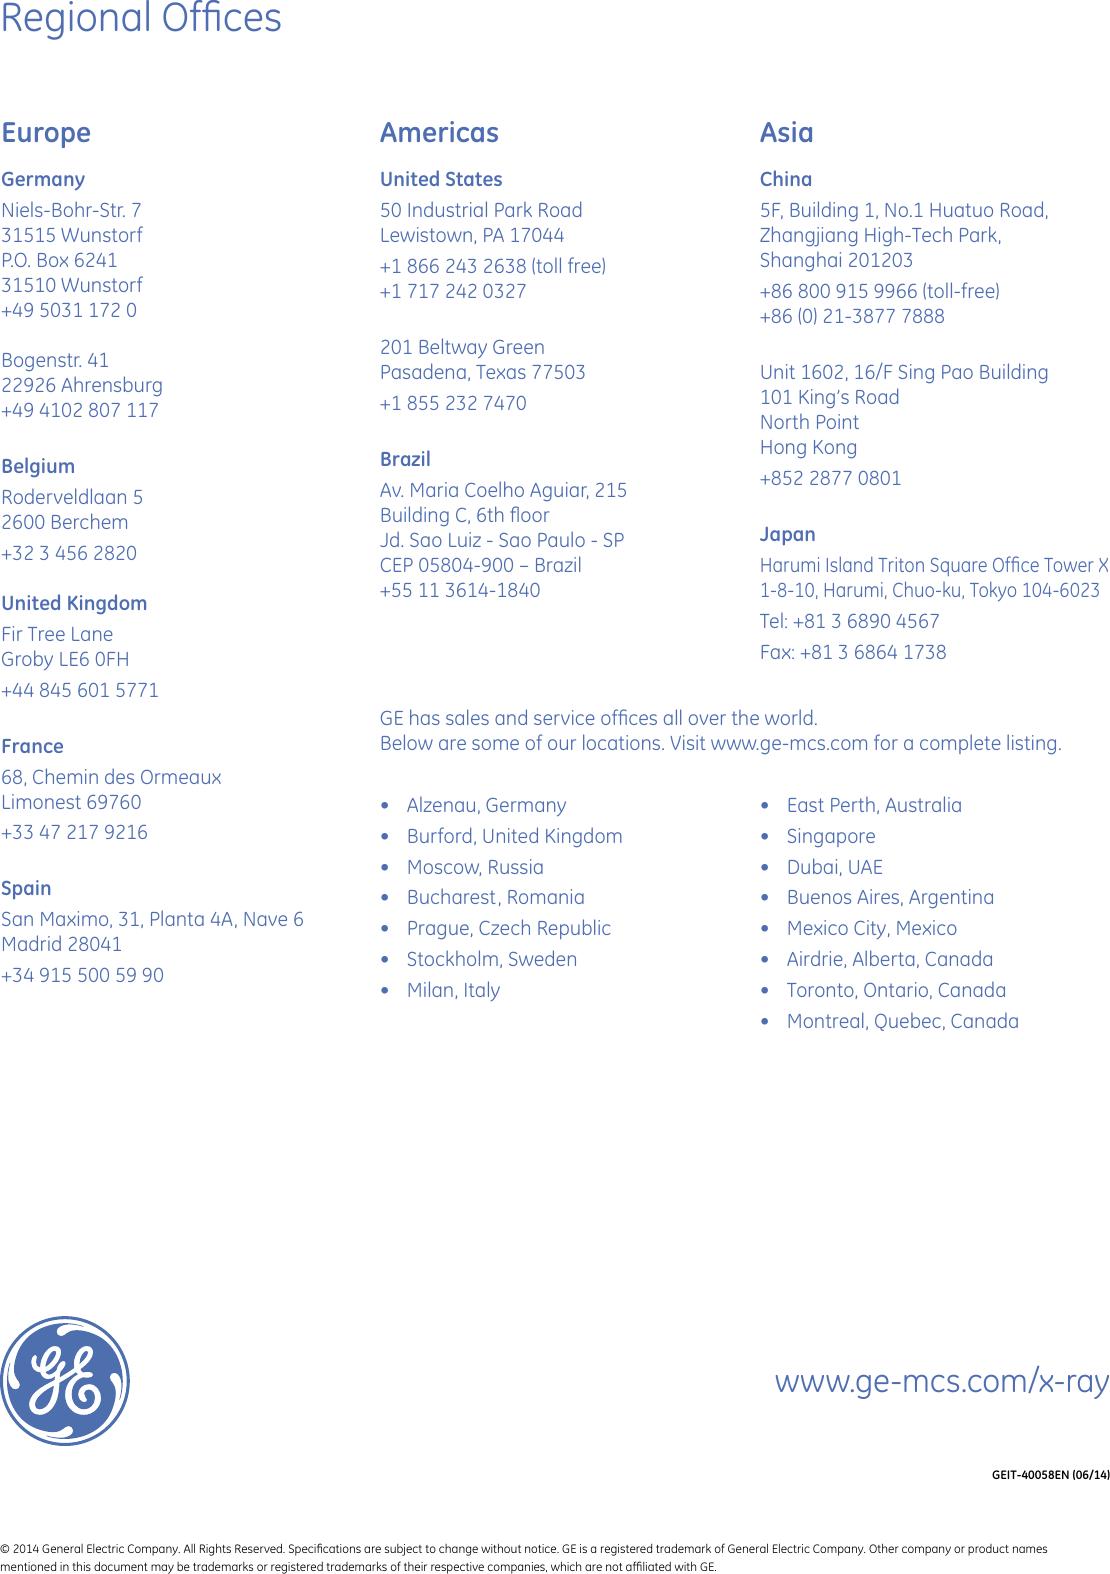 Ge Appliances Crxvision Brochure